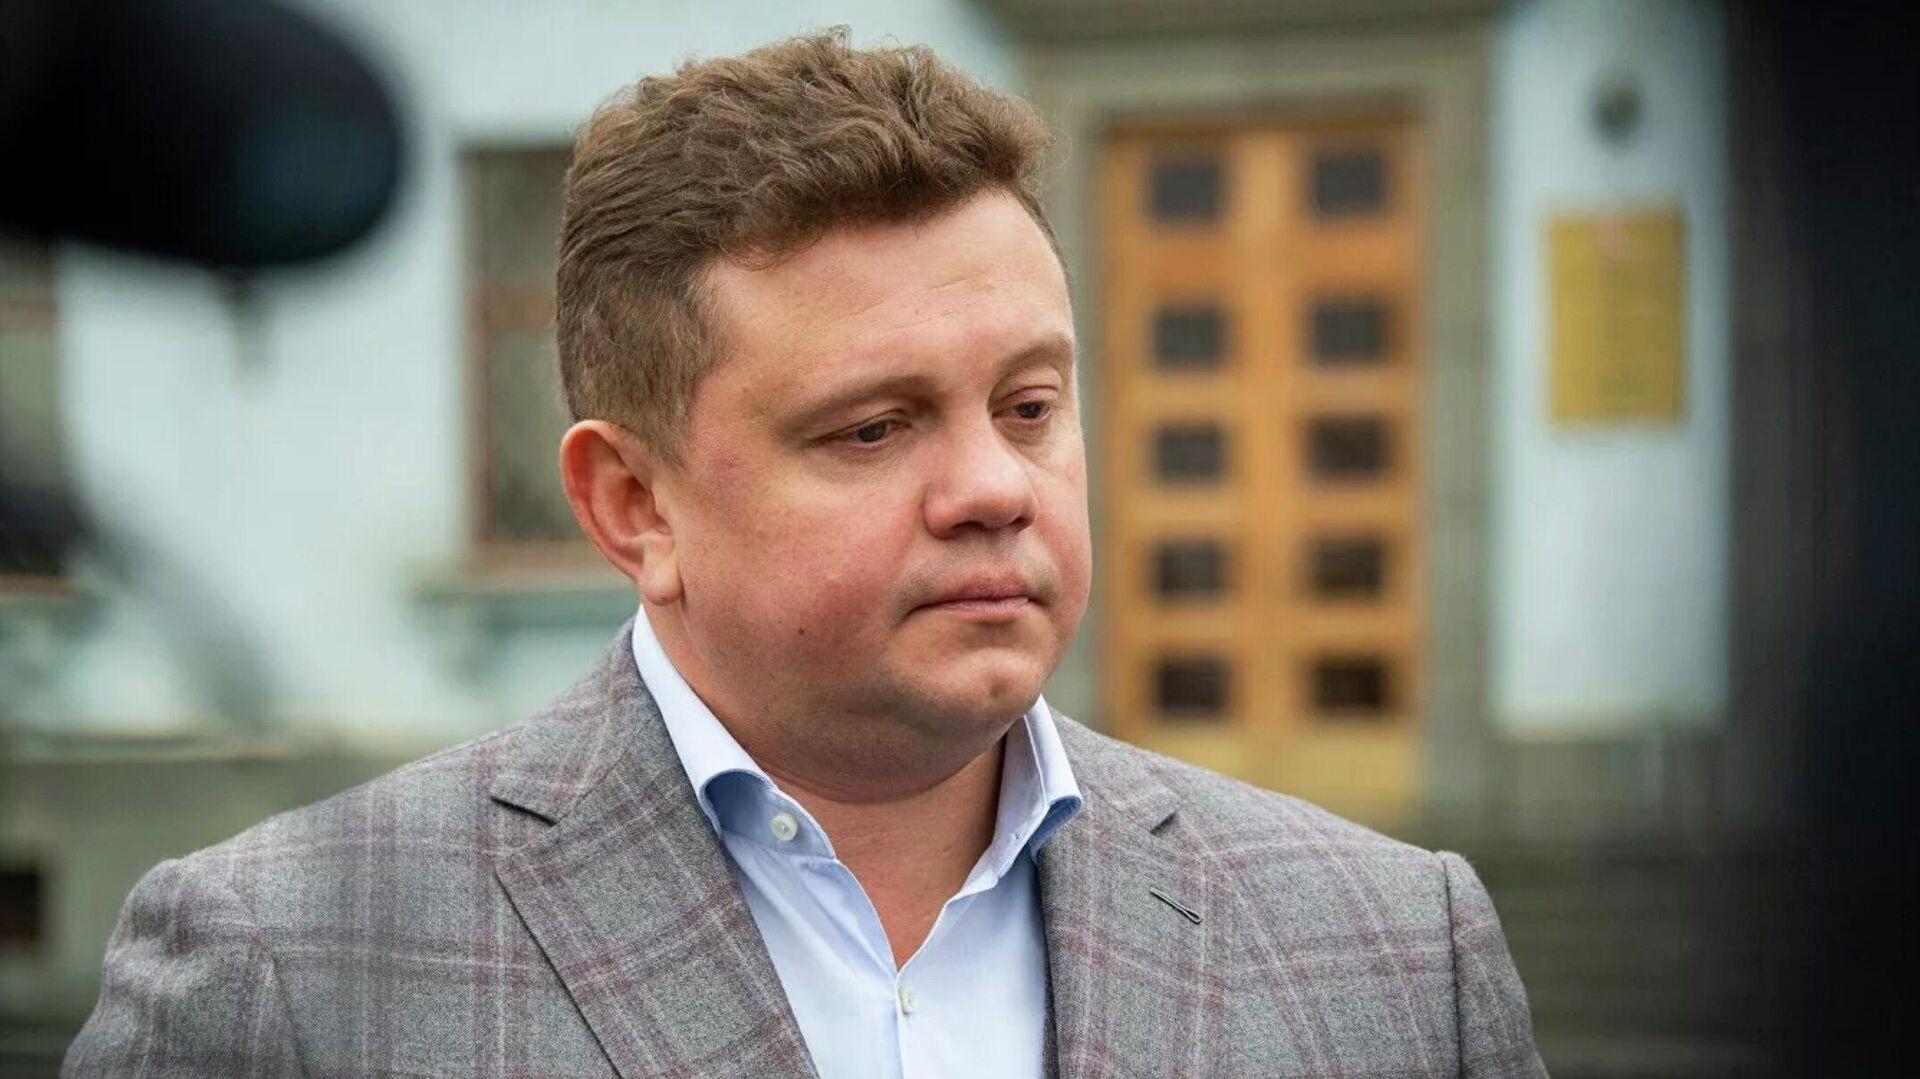 Суд Крыма изменил меру пресечения экс-вице-премьеру Кабанову на домашний арест